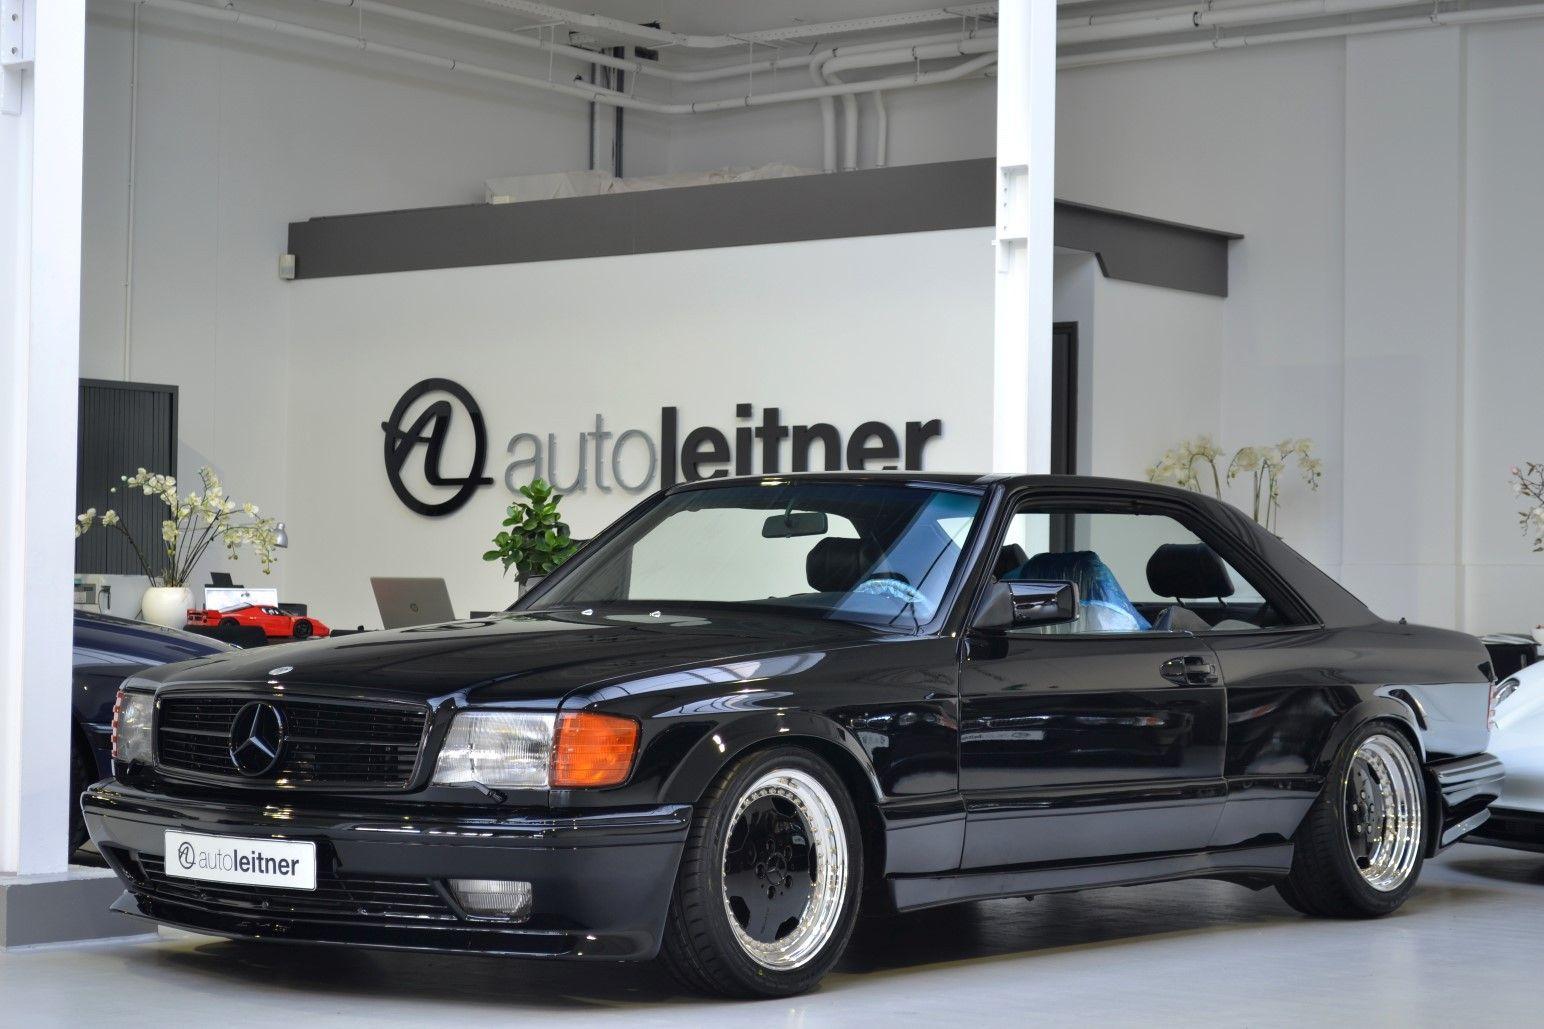 mercedes benz 500 sec amg mercedes classic cars pinterest mercedes benz 500 mercedes benz. Black Bedroom Furniture Sets. Home Design Ideas